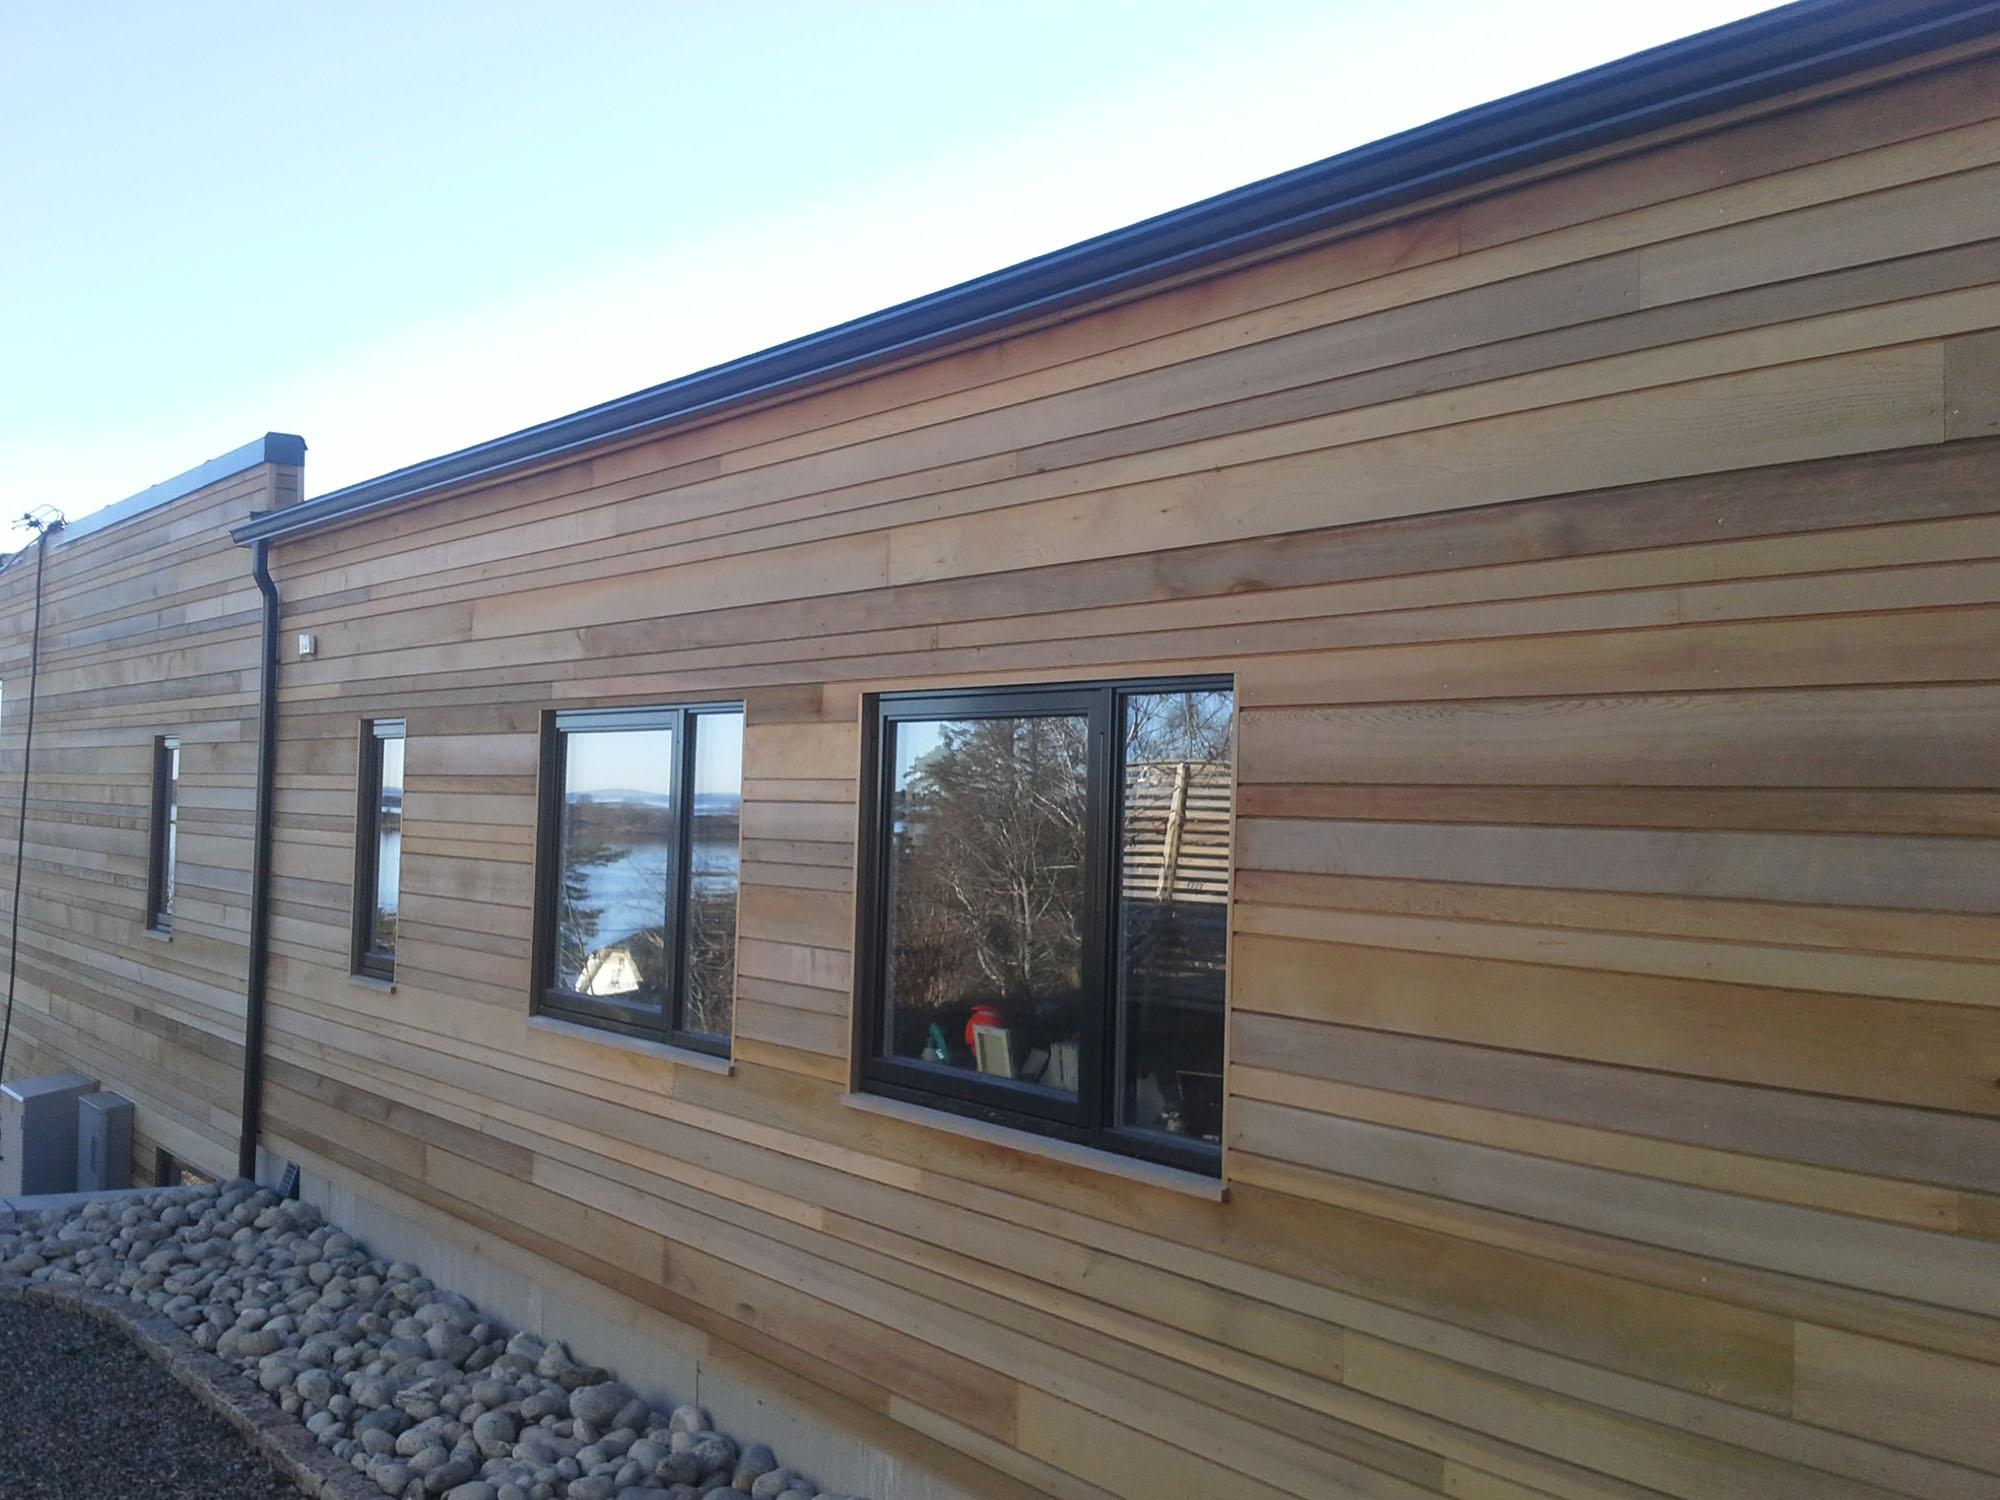 K. Lie Blikk & Ventilasjon AS-Blikkenslager i Stokke-Blikkenslager i Horten-Blikkenslager i Tønsberg